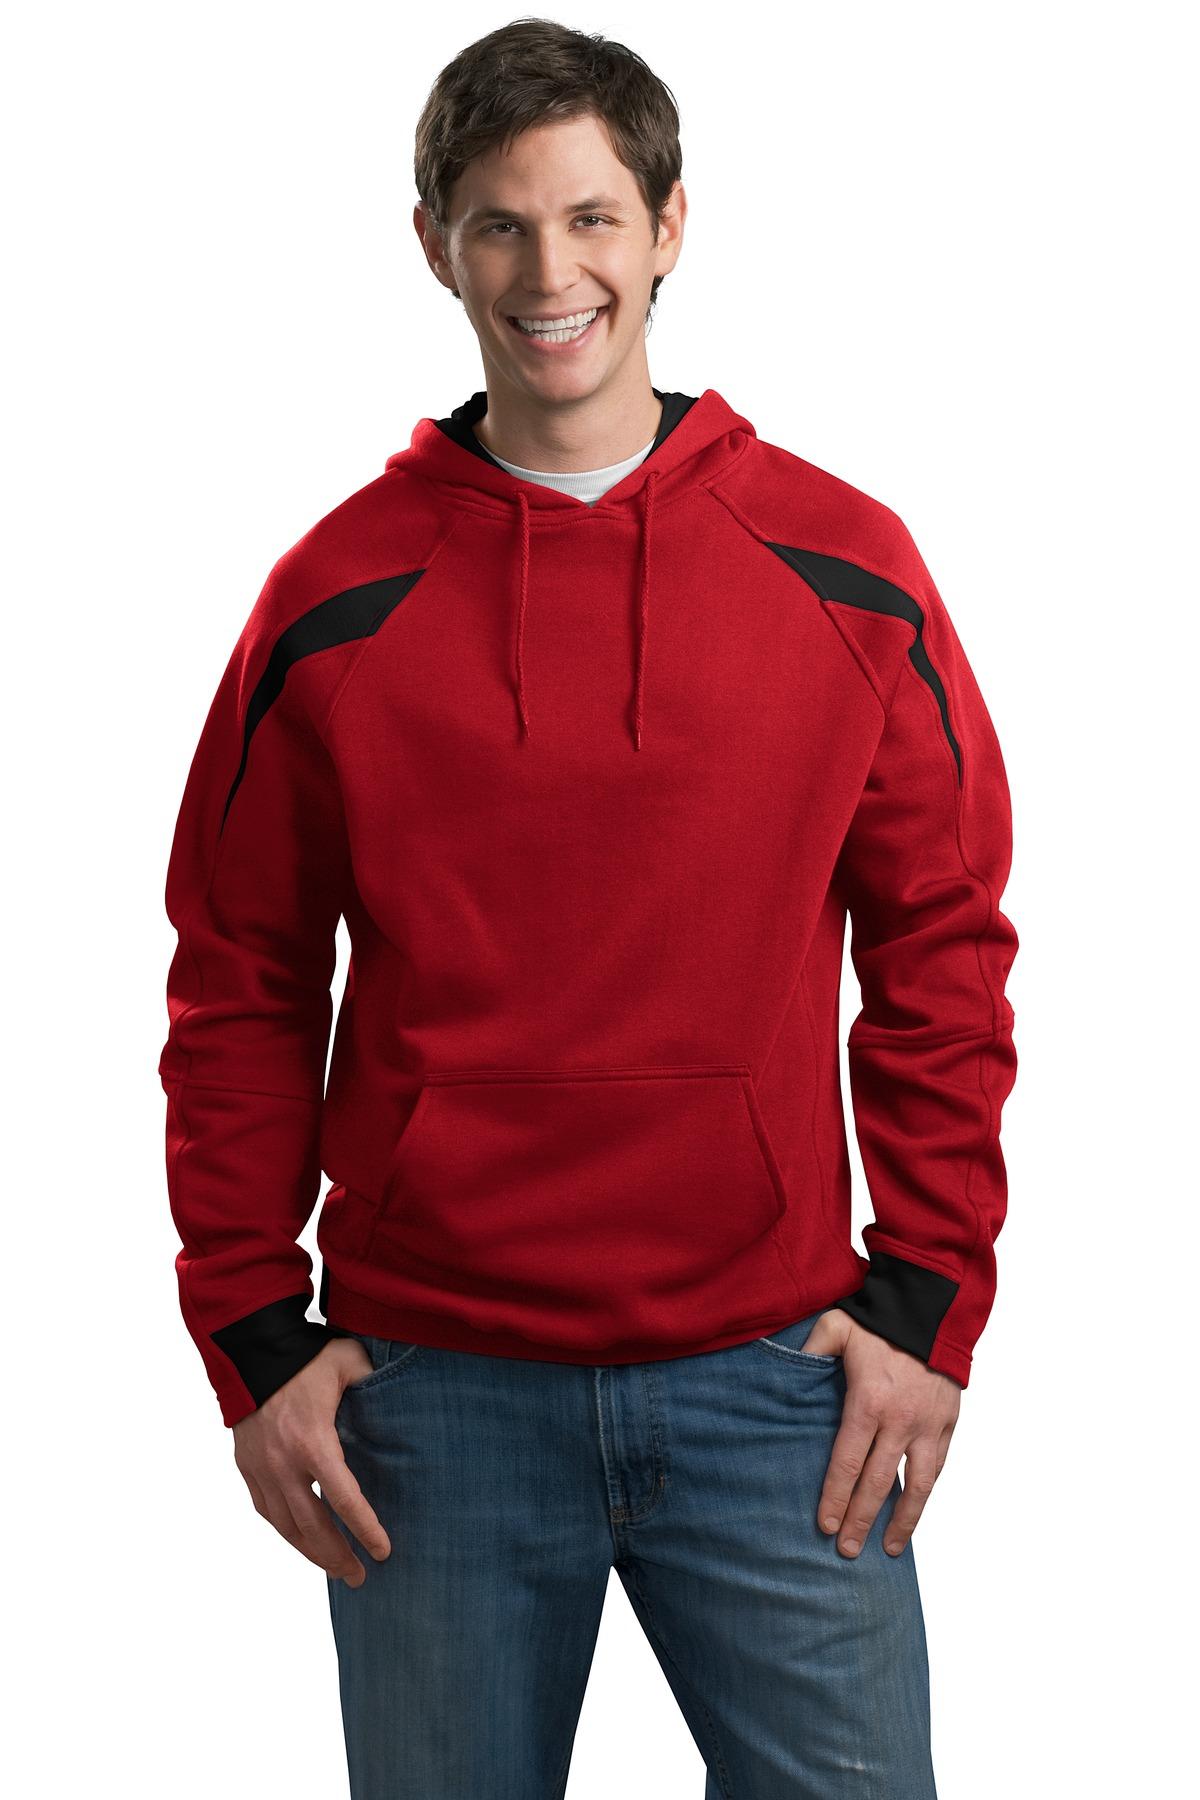 Sweatshirts-Fleece-Hooded-27